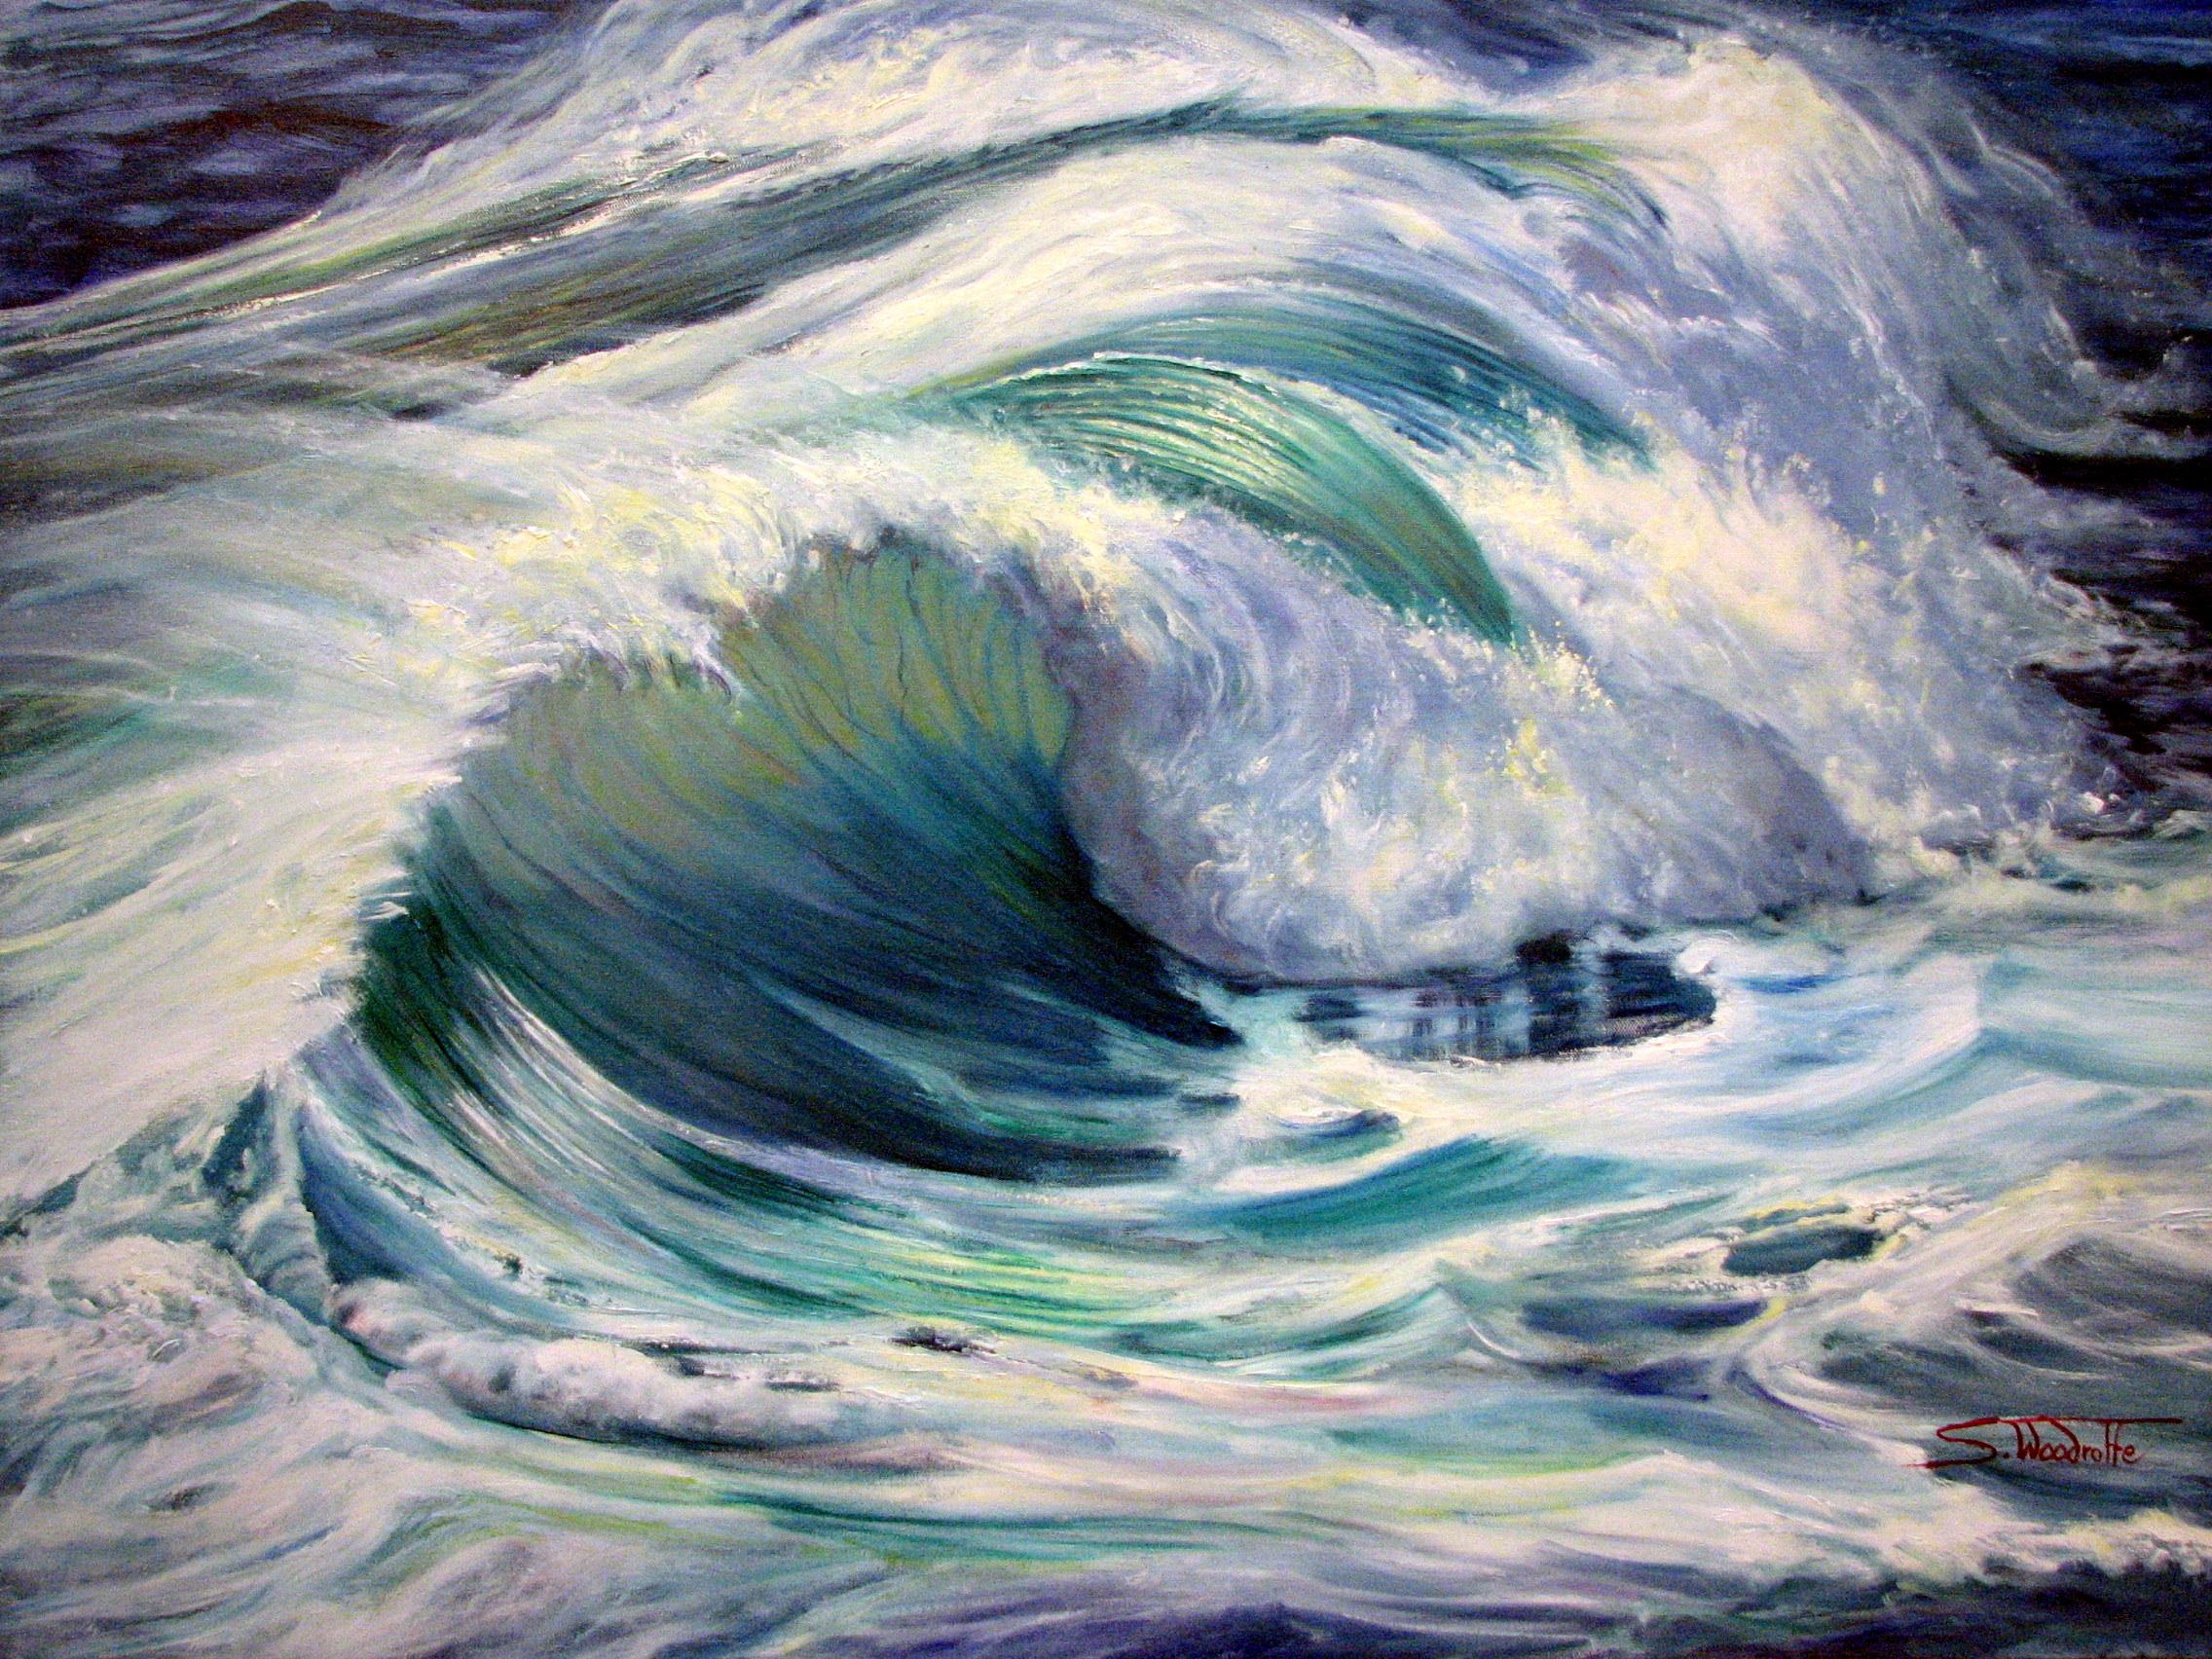 Crashing waves 2012